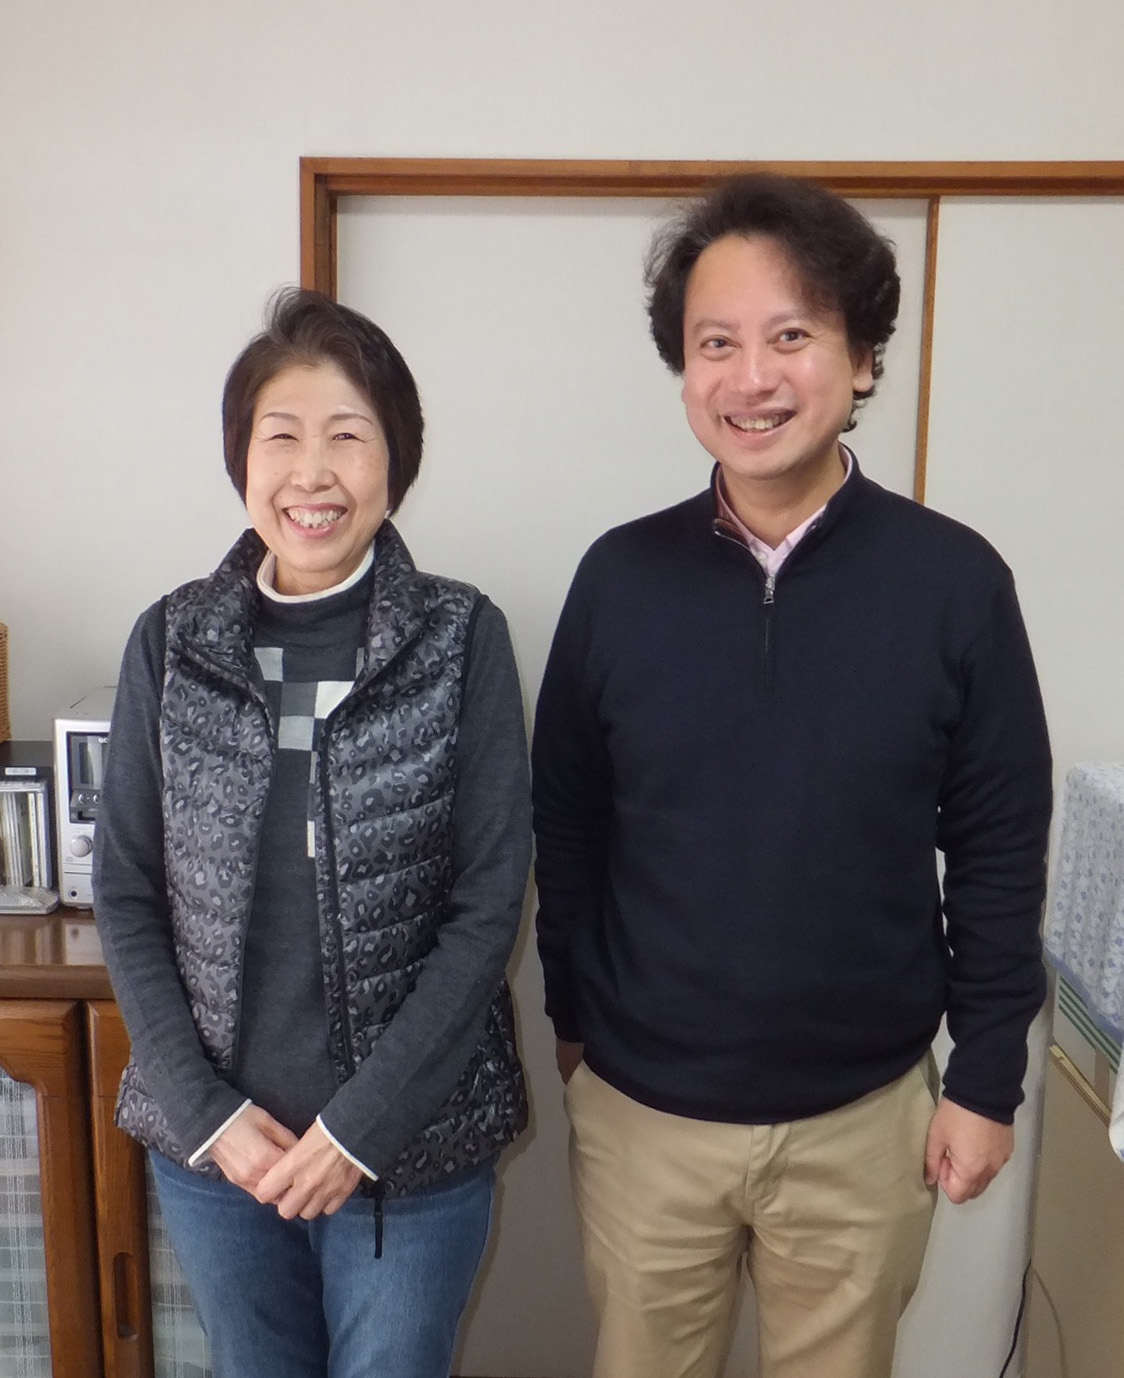 石川佐代子さんと柴山弘文